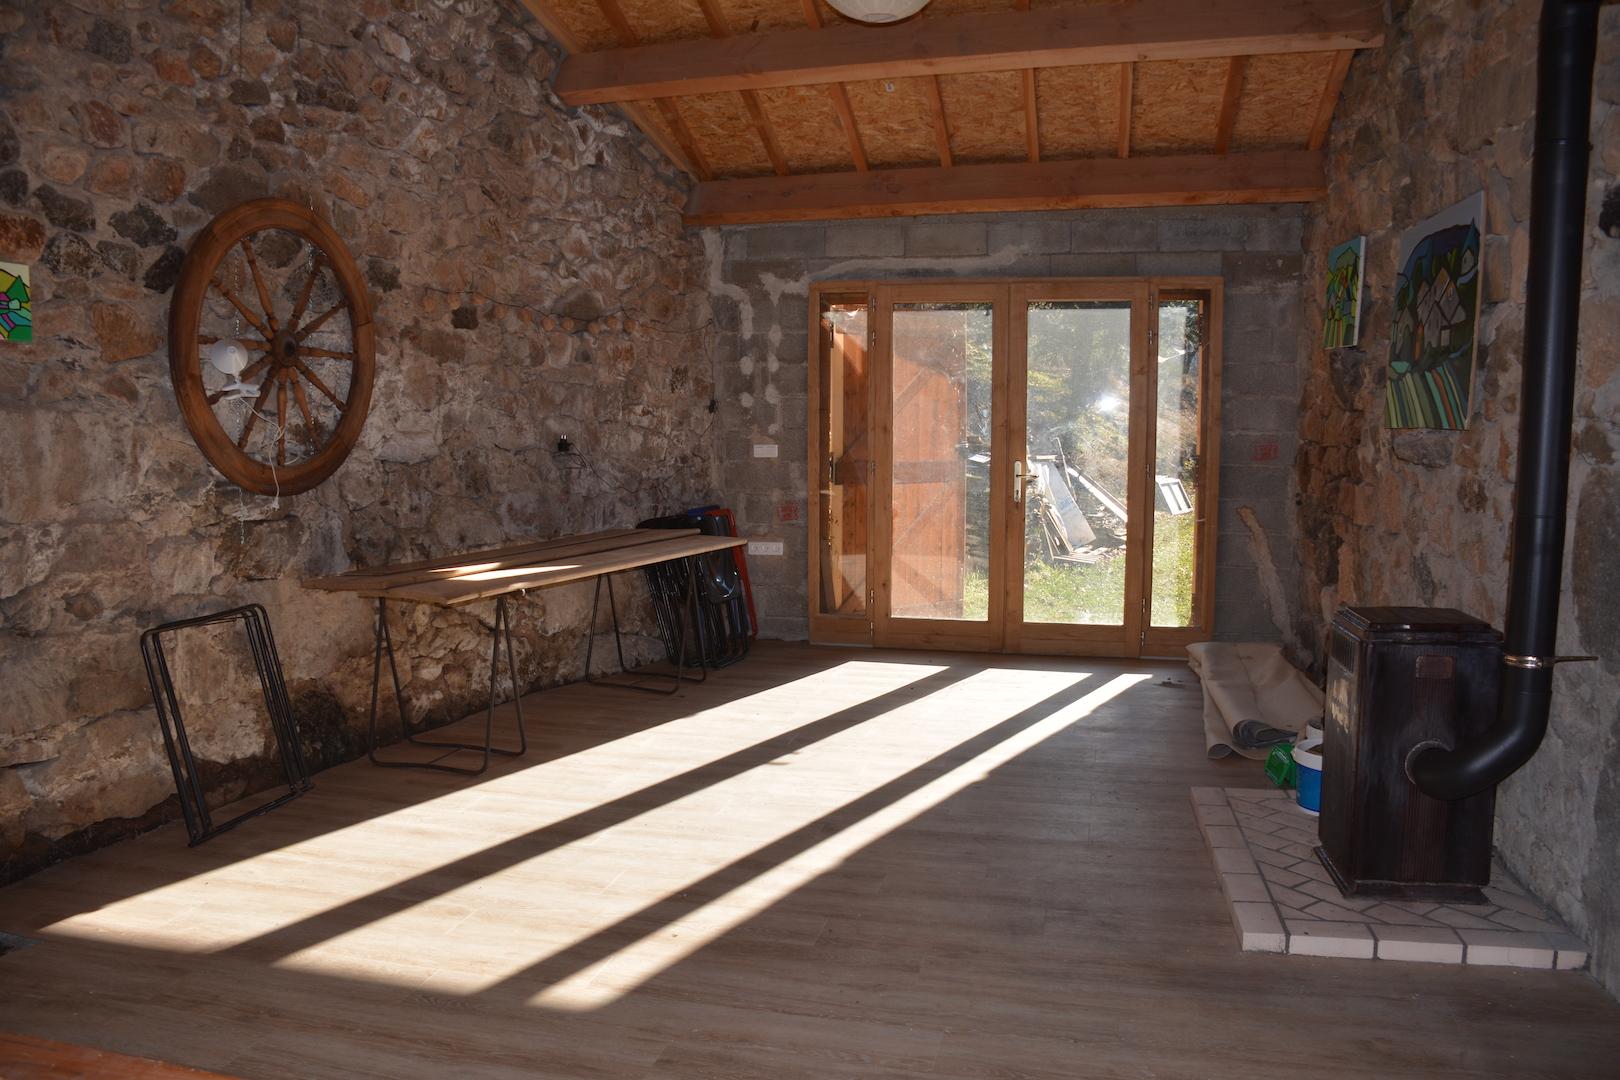 La salle d'activités permet d'accueillir jusqu'à 30 personnes